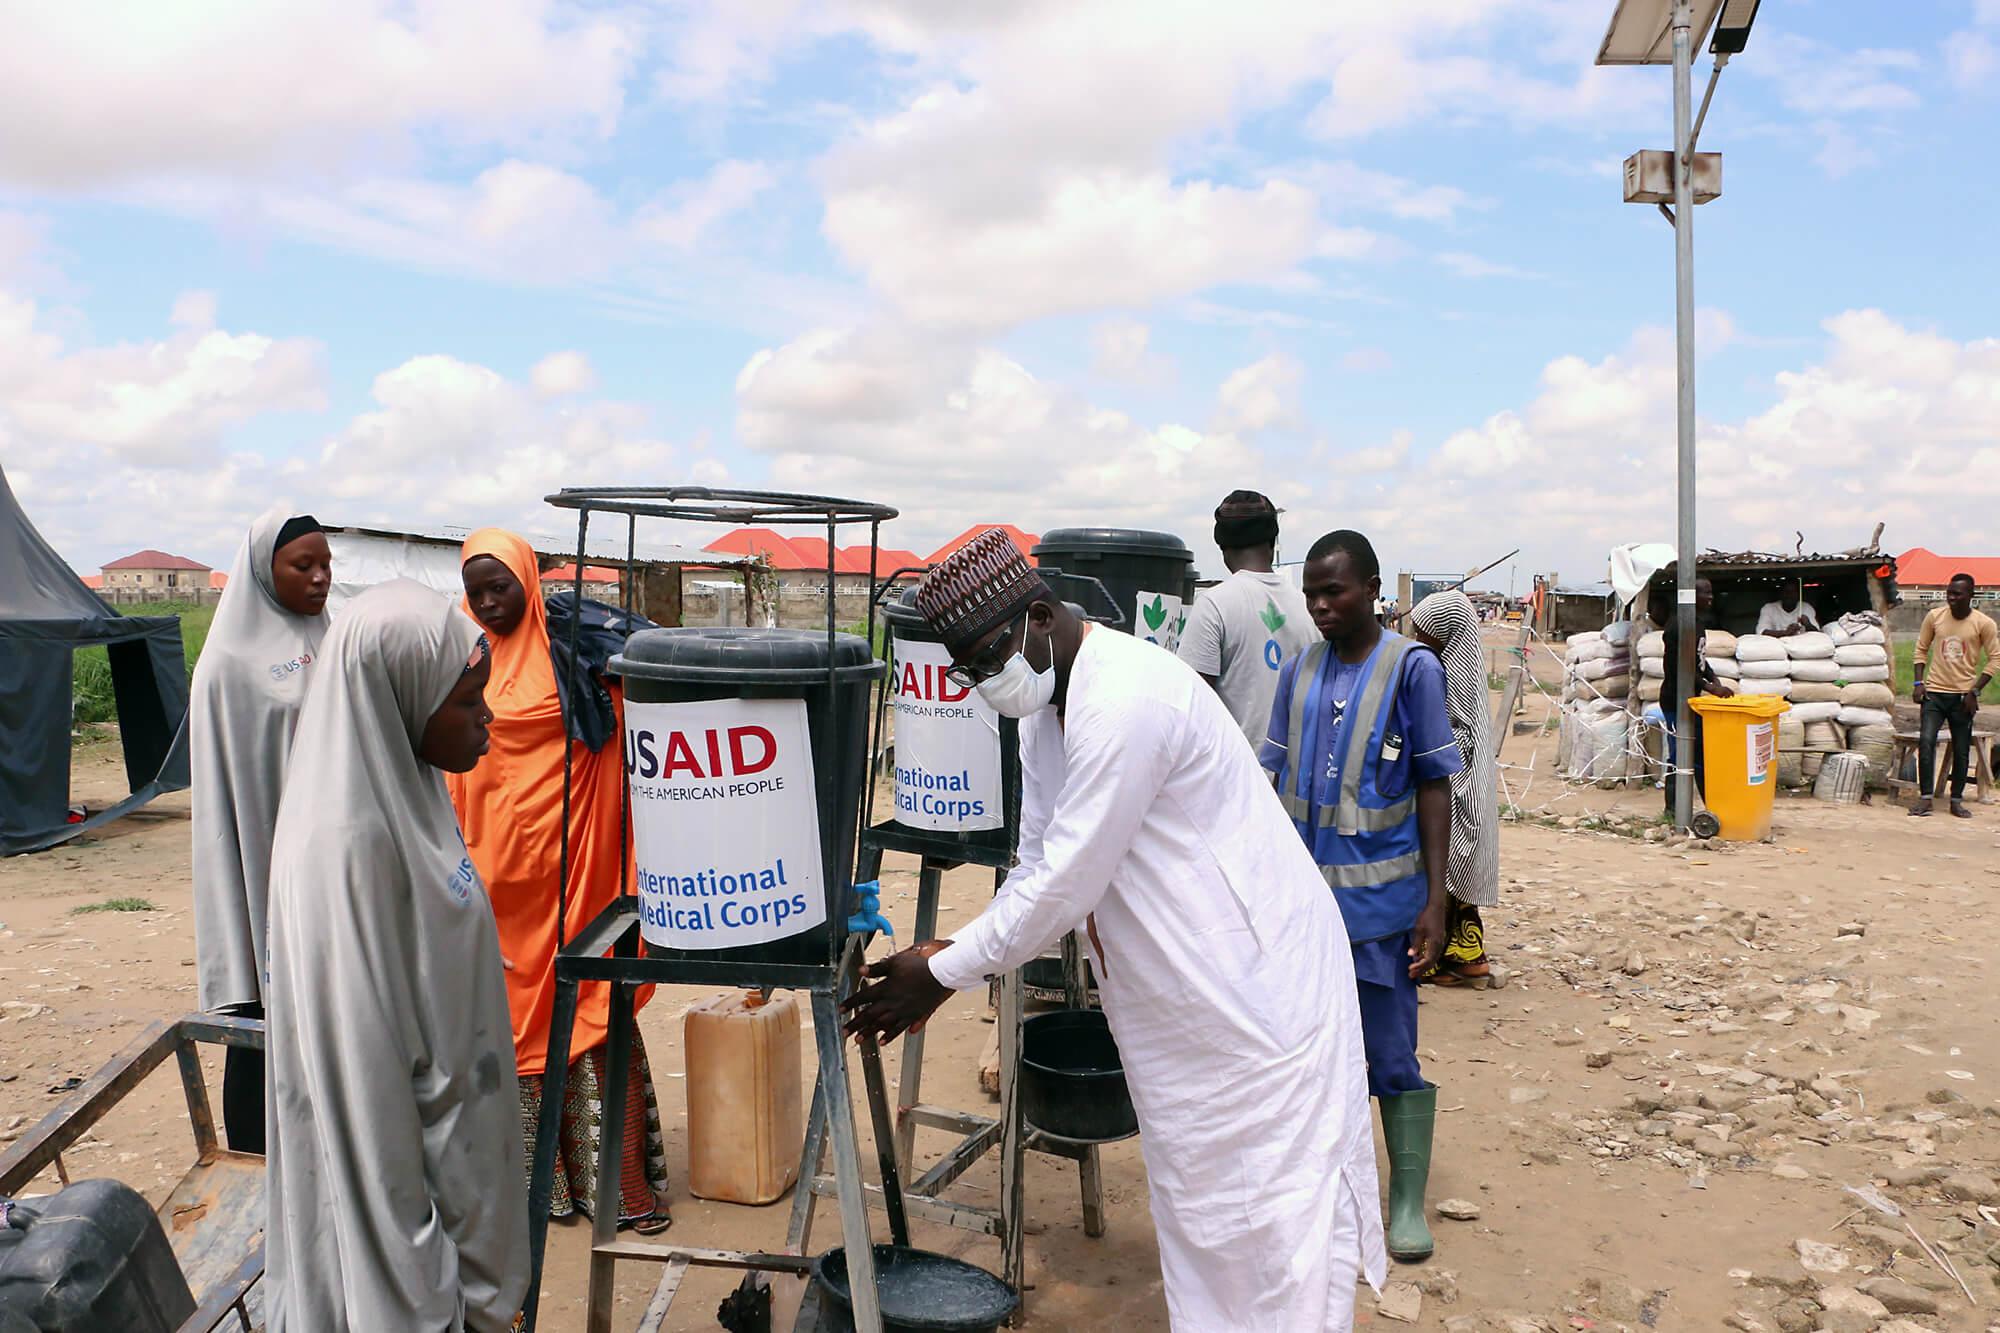 Handwashing station in Nigeria.